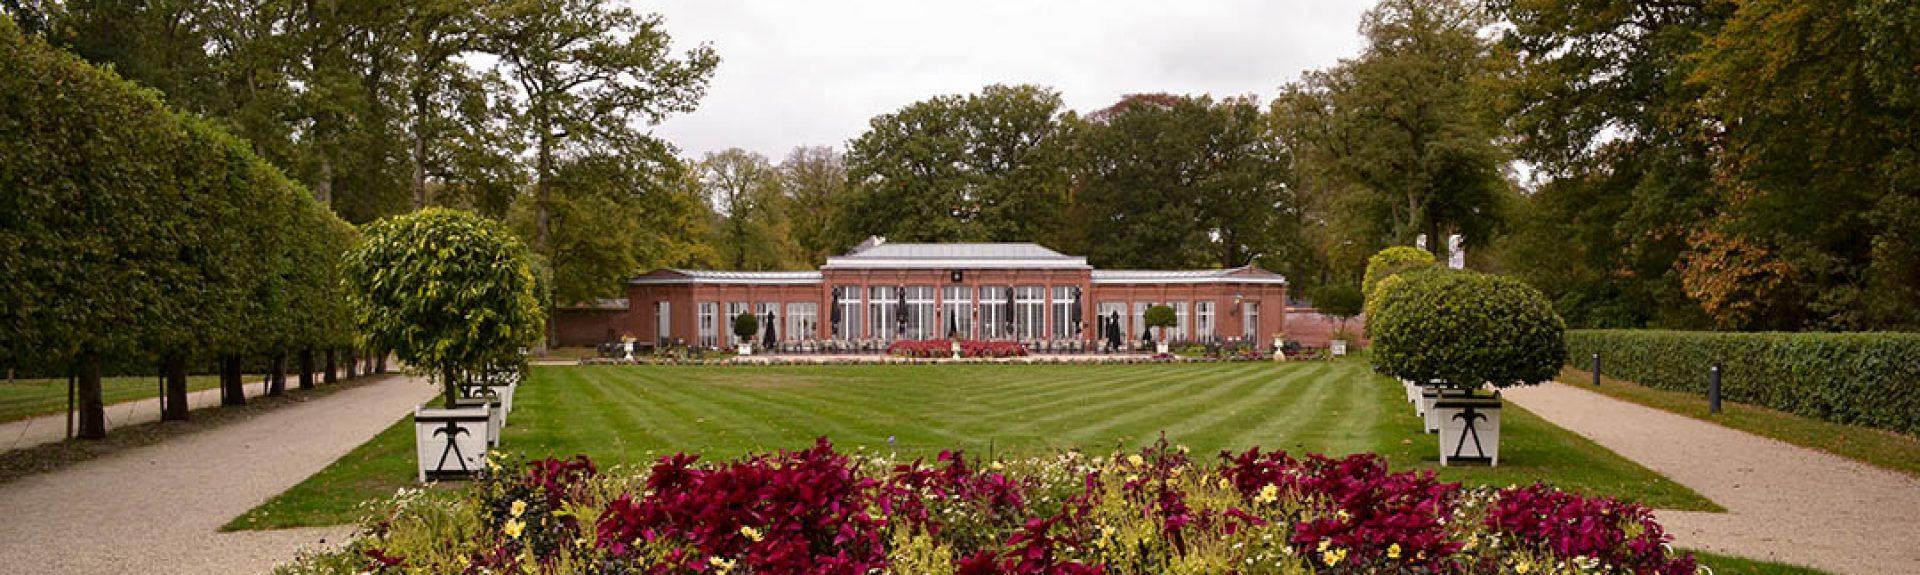 Het vernieuwde terrein rondom de Orangerie